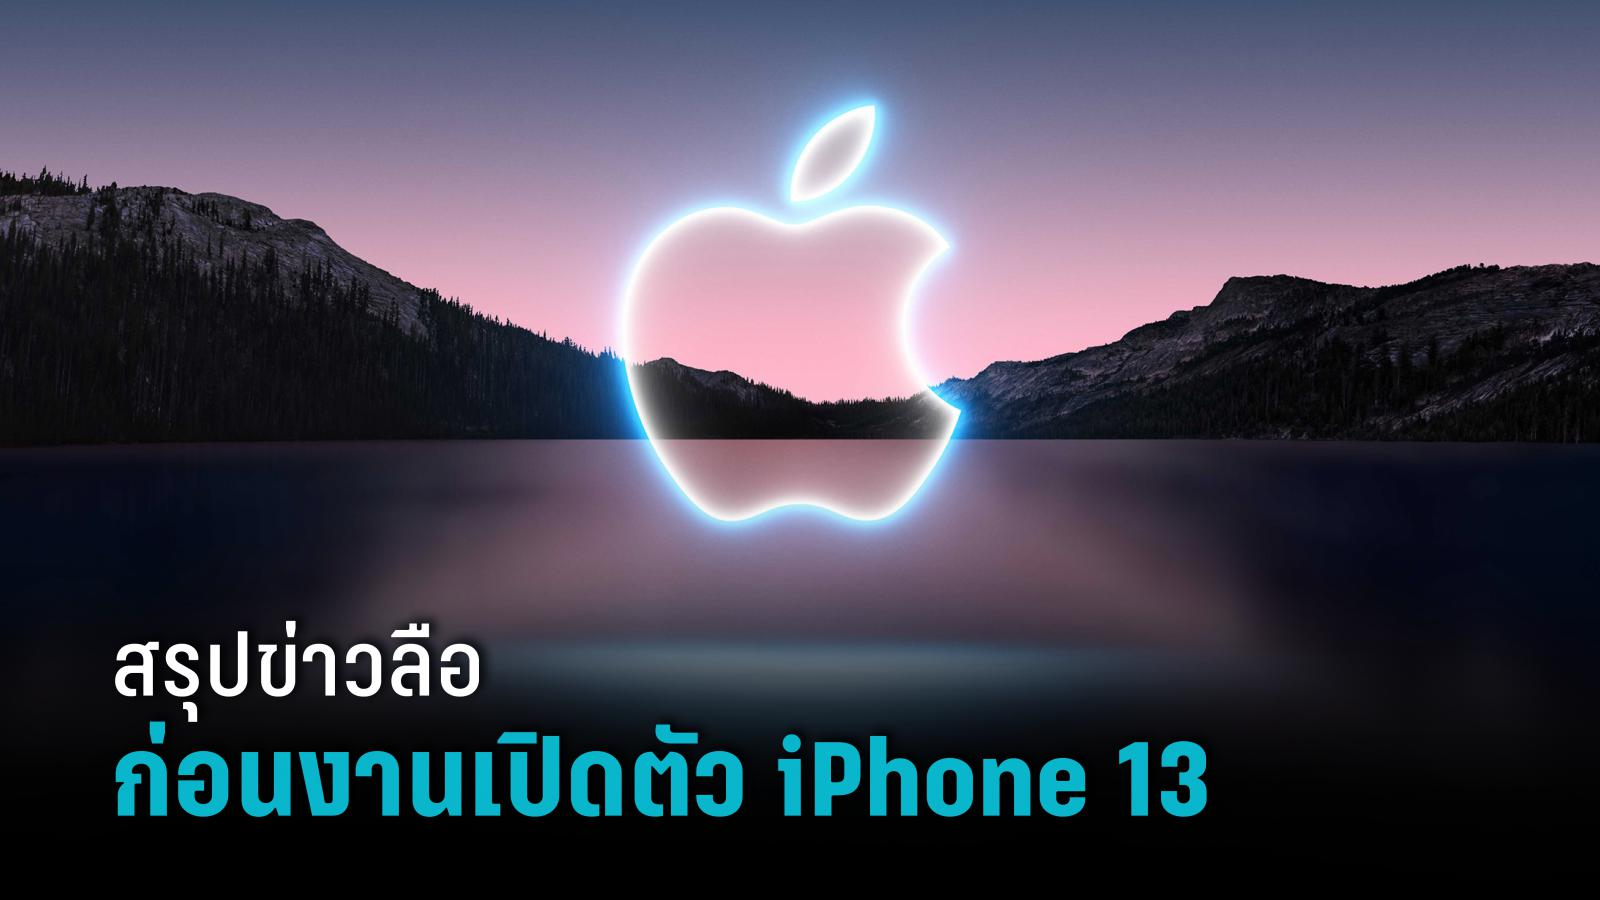 สรุปข่าวลือ Apple เปิดตัว iPhone 13 - Apple Watch Series 7 คืนนี้